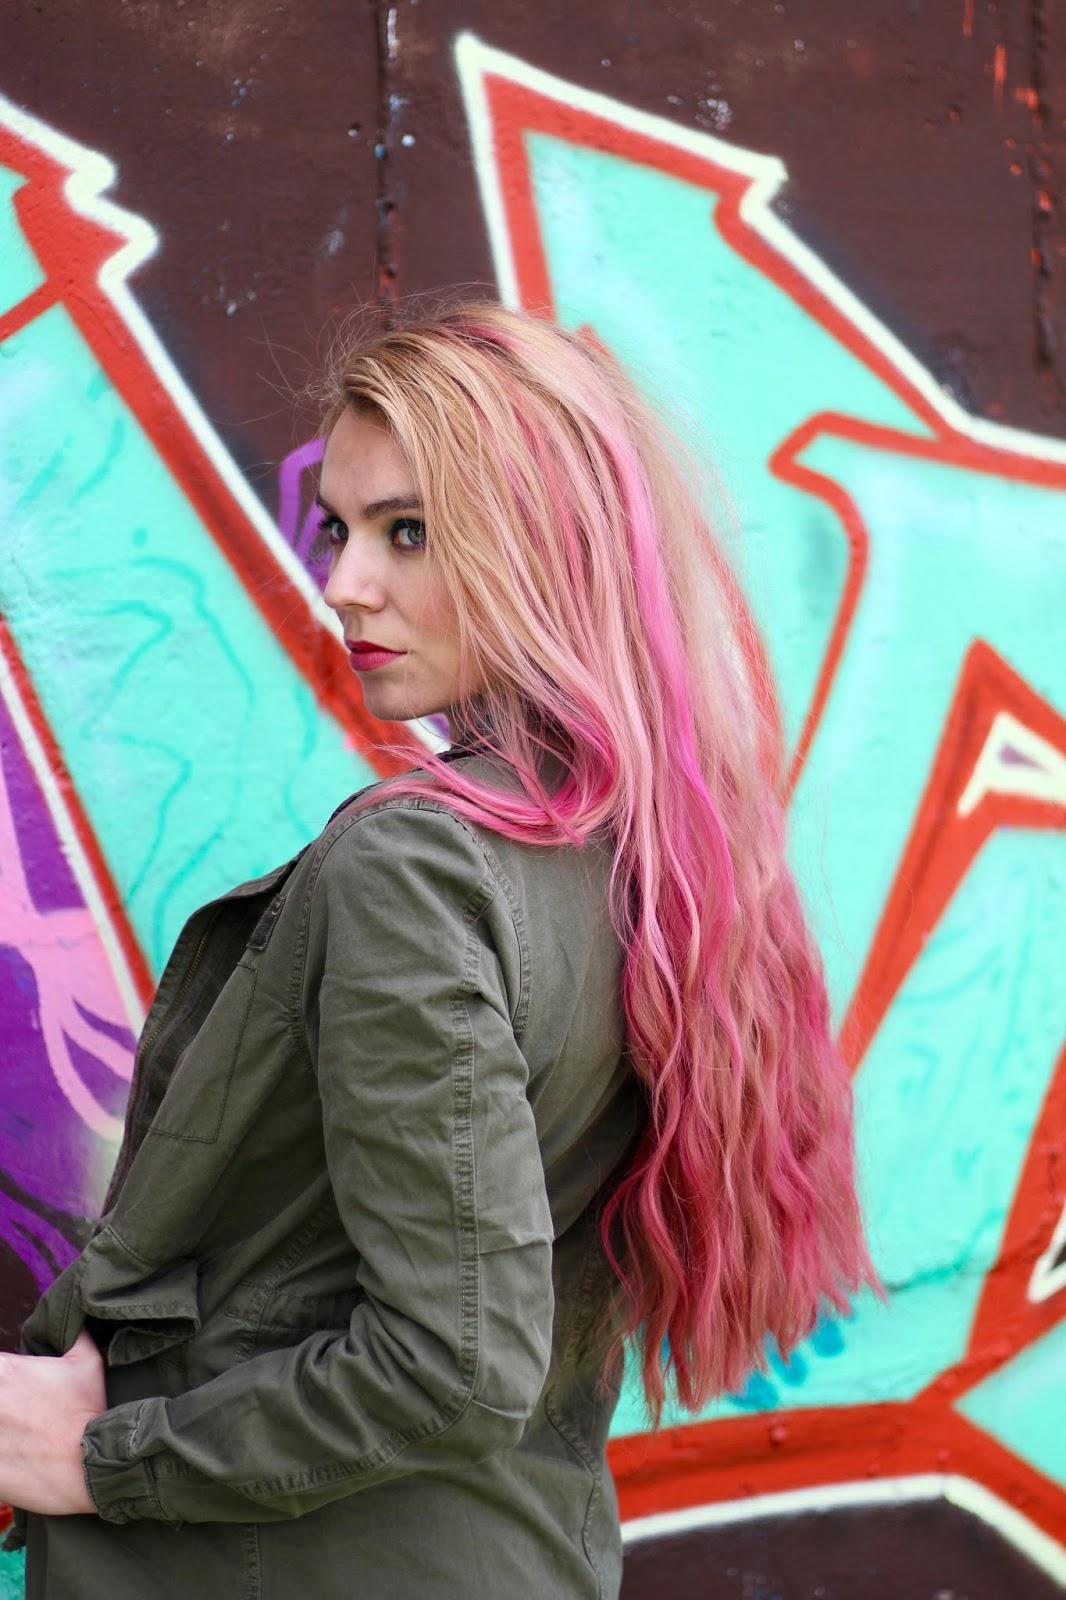 ruzove vlasy, recenzia, beauty blog